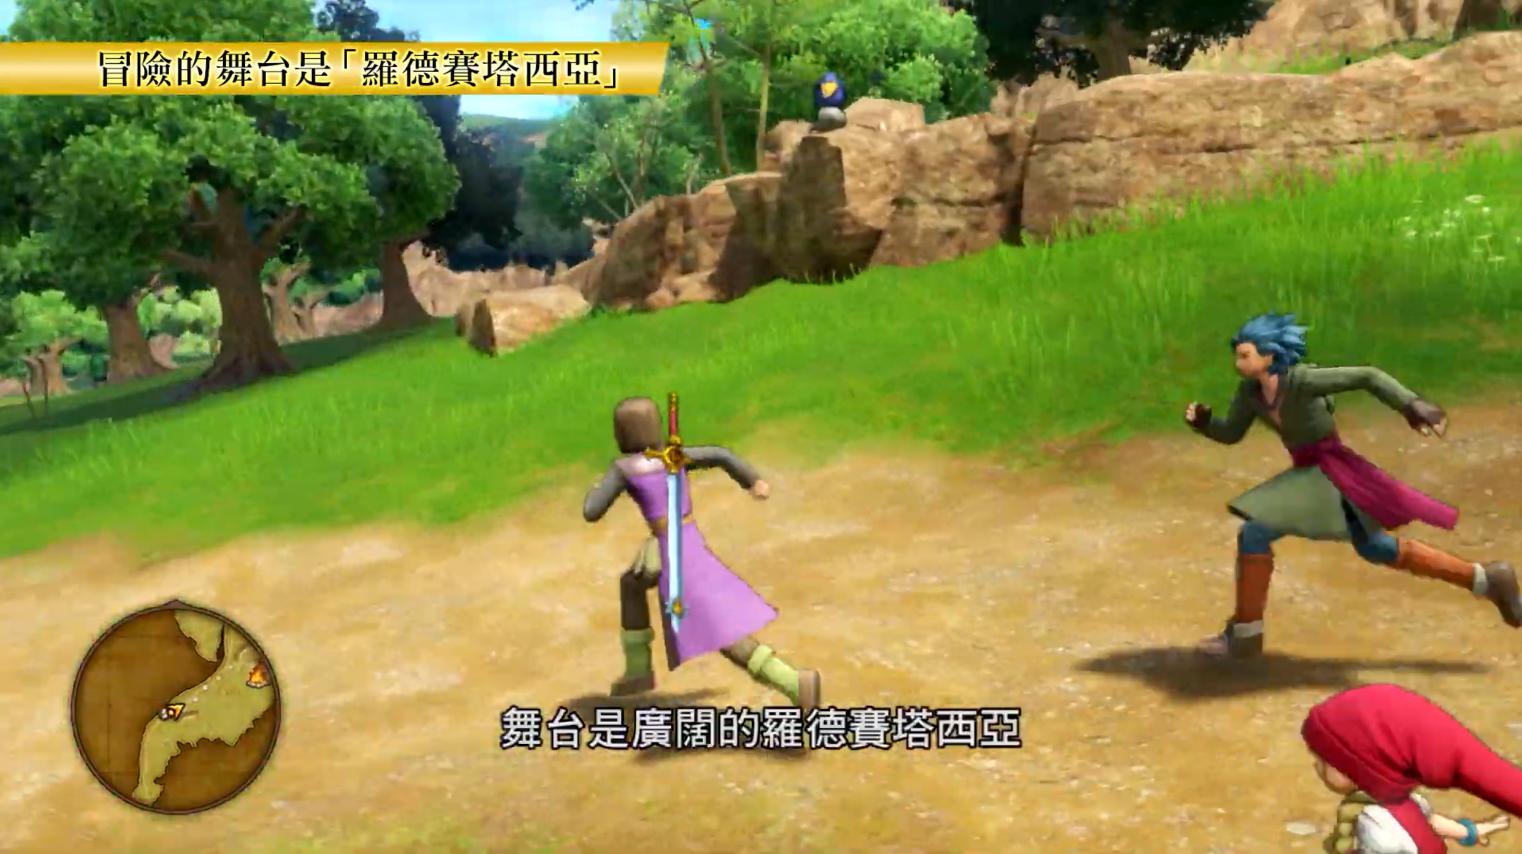 《勇者斗恶龙11S》中文宣传片公开 恶魔之子冒险启程